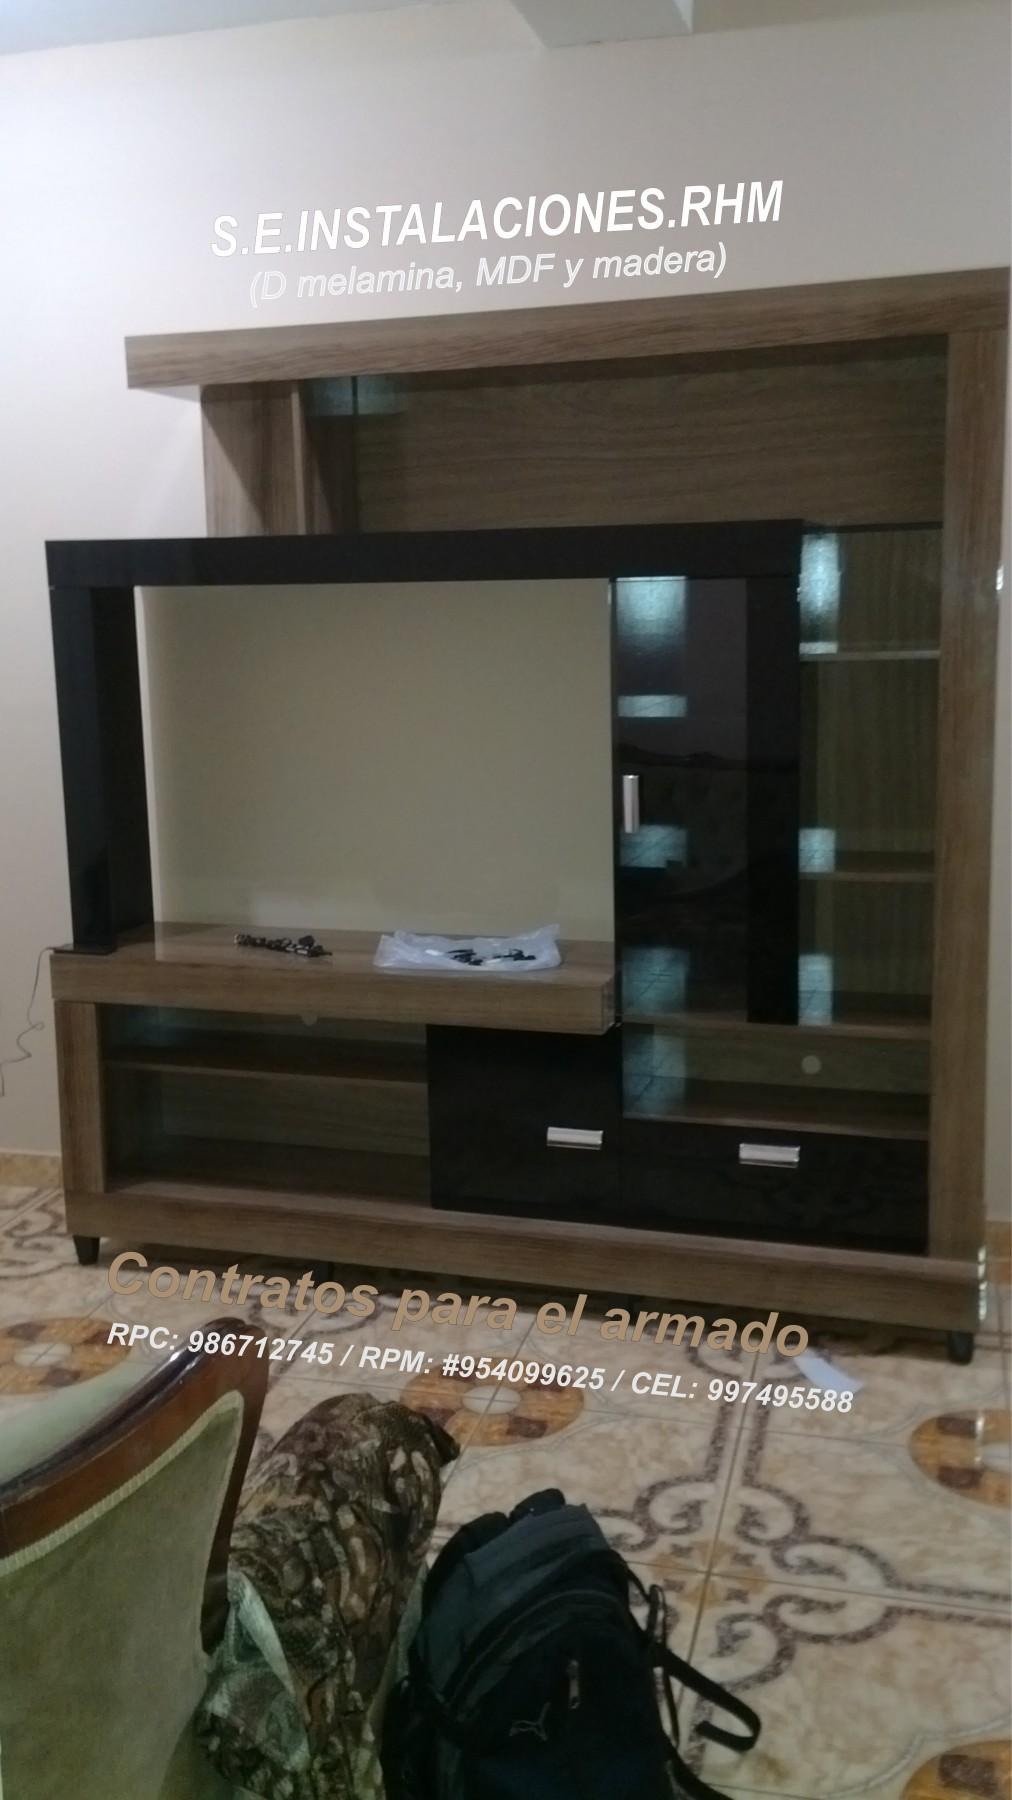 Muebles Elektra - Armado De Muebles De Elektra Plaza Vea Negocio Pe[mjhdah]http://negocio.pe/sites/negocio.logicaldesign.pe/files/empresas/sin_titulo_5_1.jpg